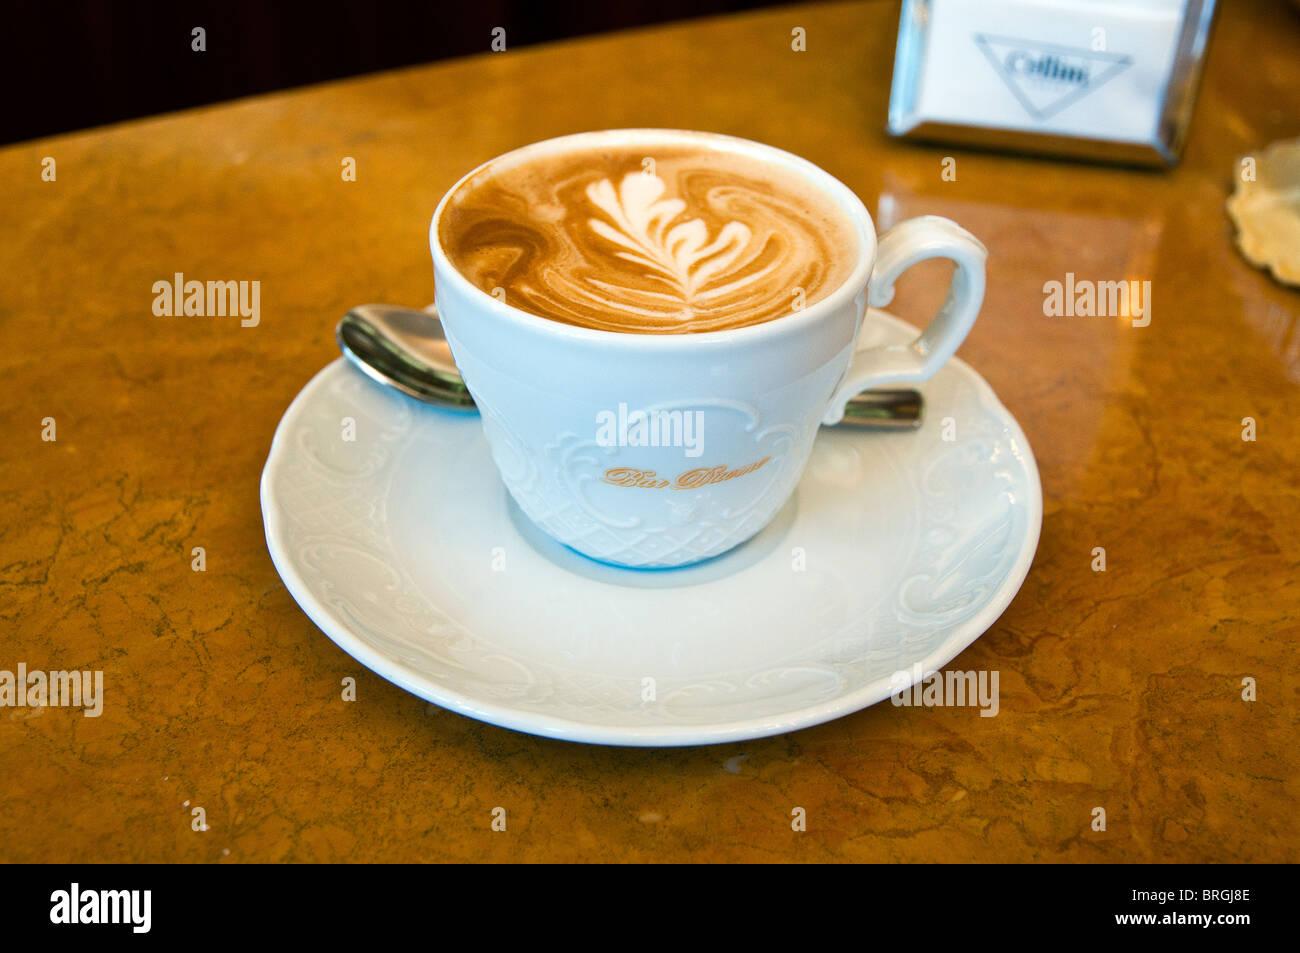 Tazza di cappuccino, serviti in un cafe', Milano, Italia Immagini Stock